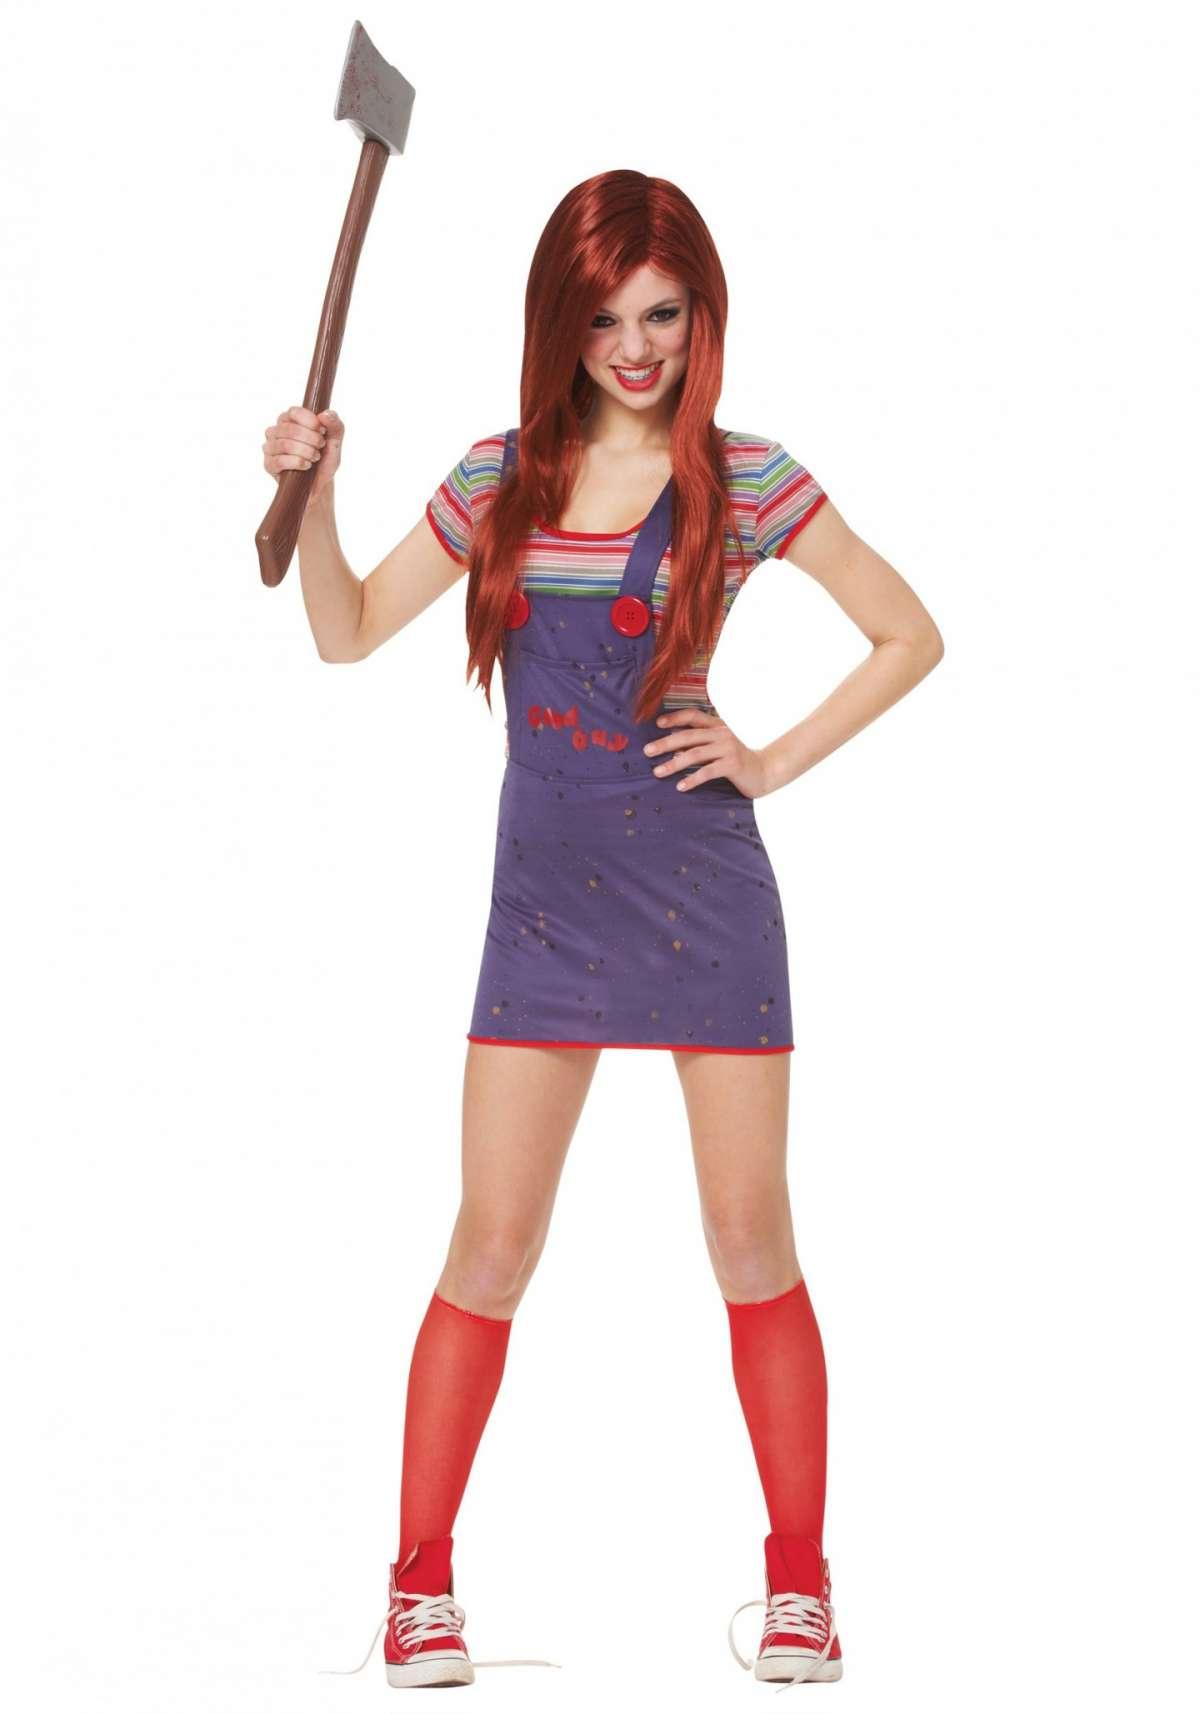 Costume per ragazza da bambola assassina